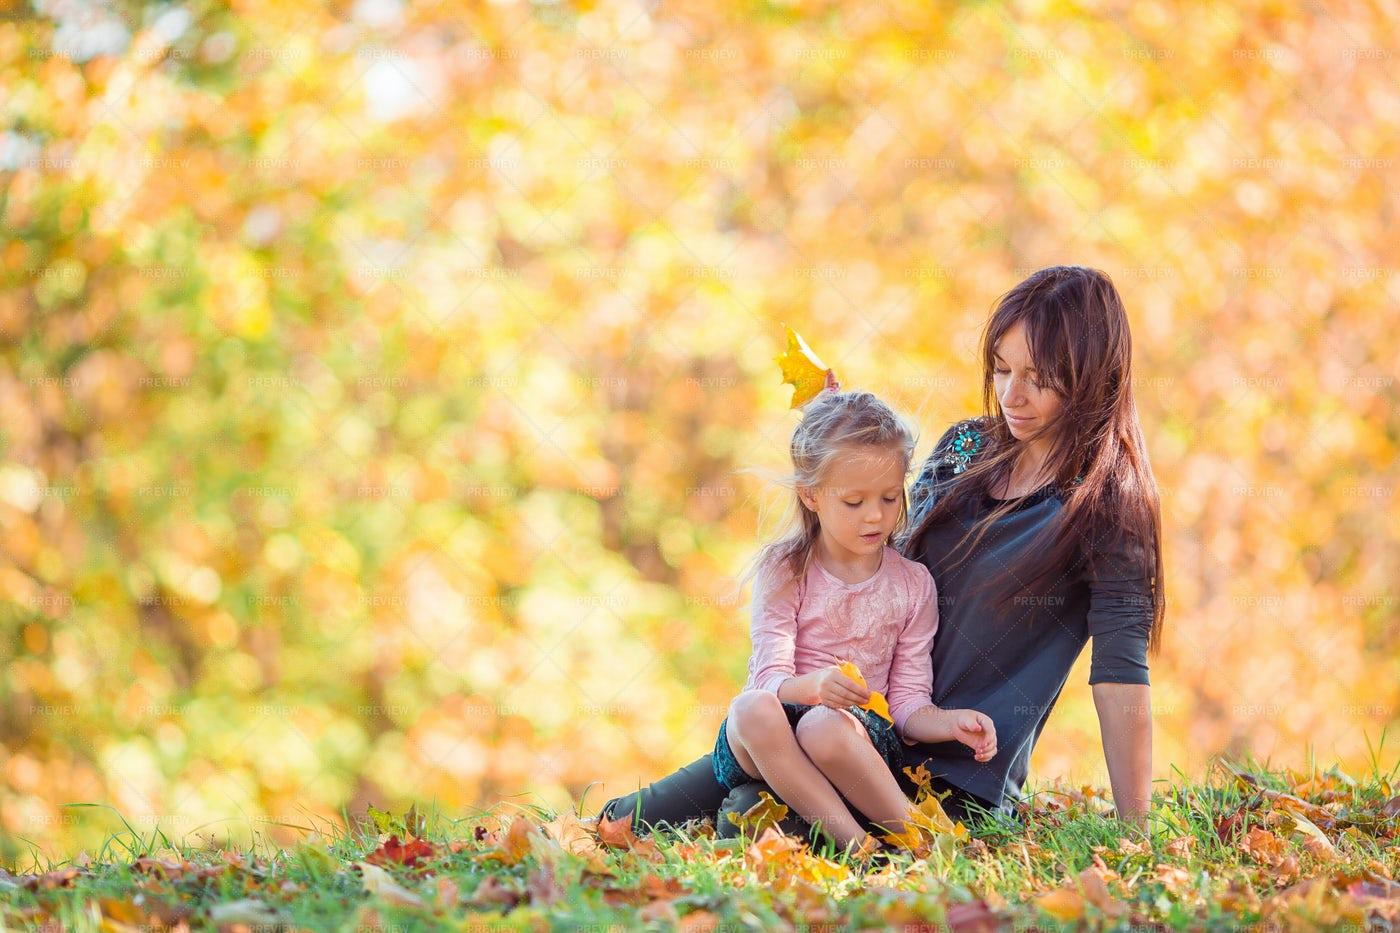 Autumn Family Time: Stock Photos